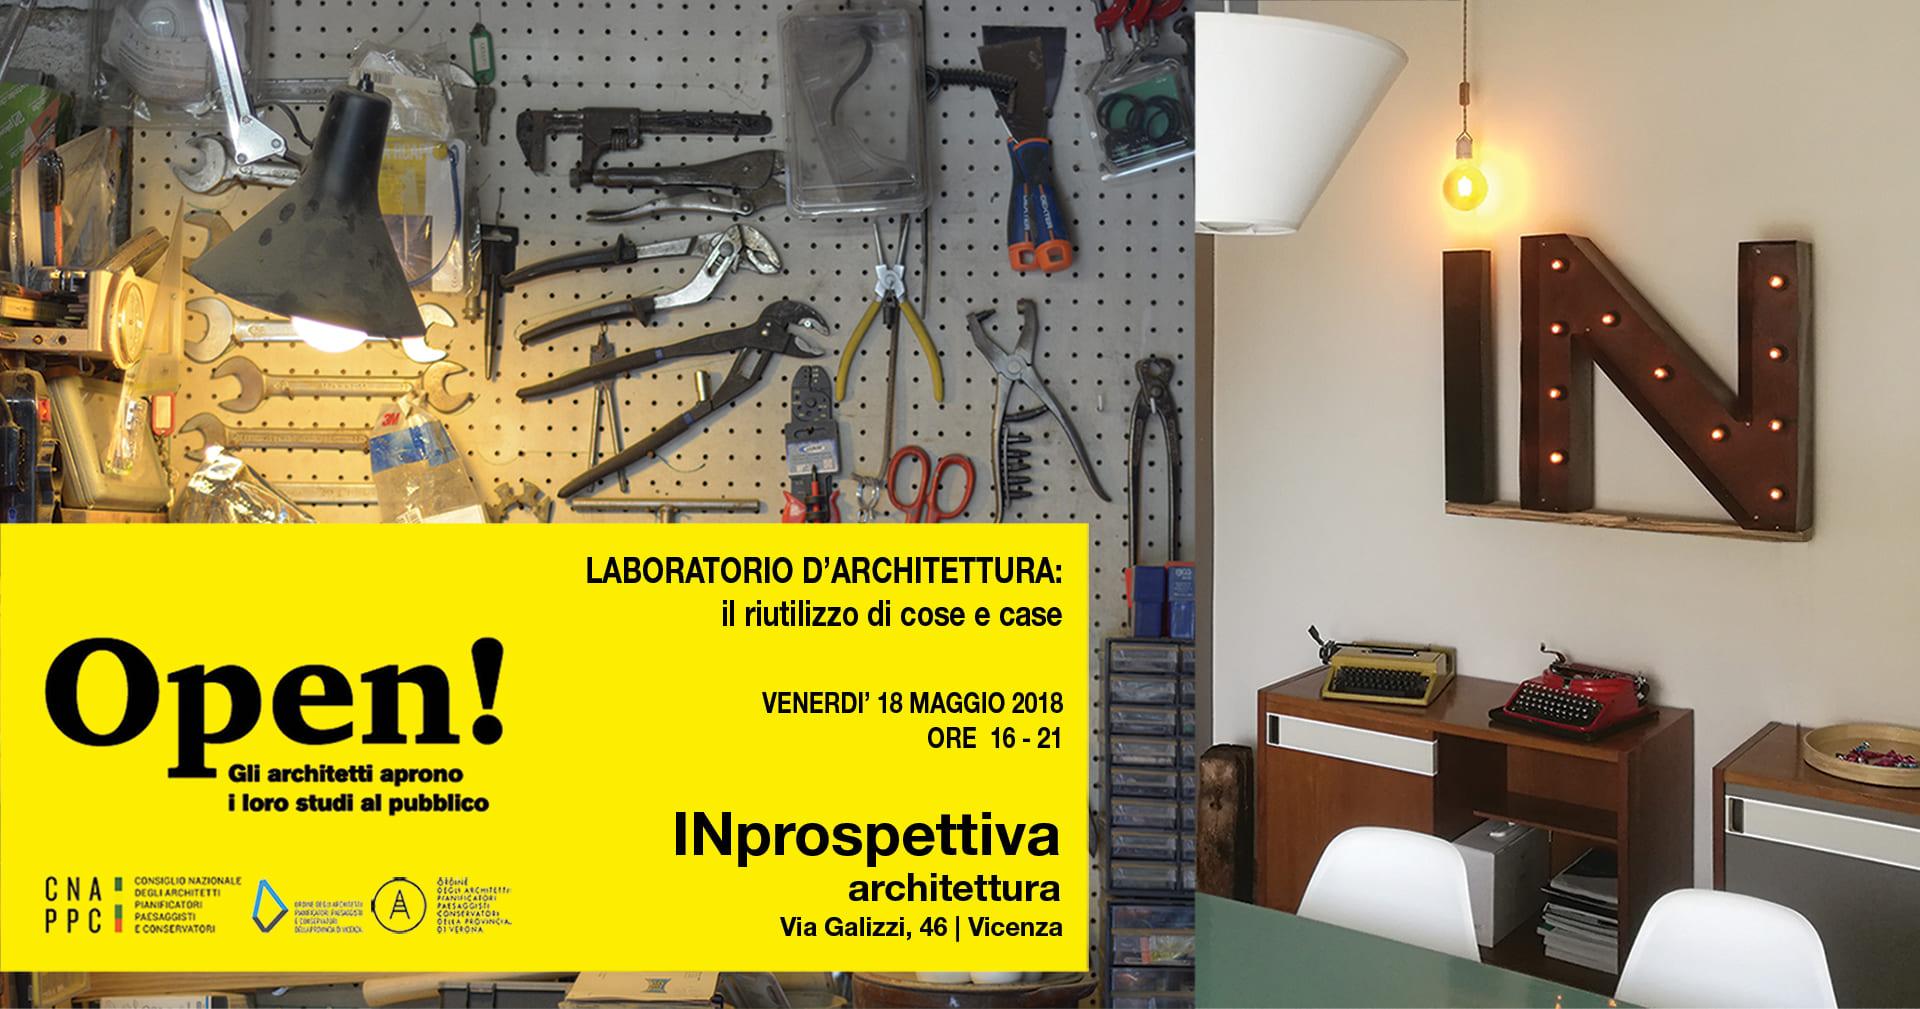 Fotografia dello studio di architettura di INprospettiva e del Laboratorio